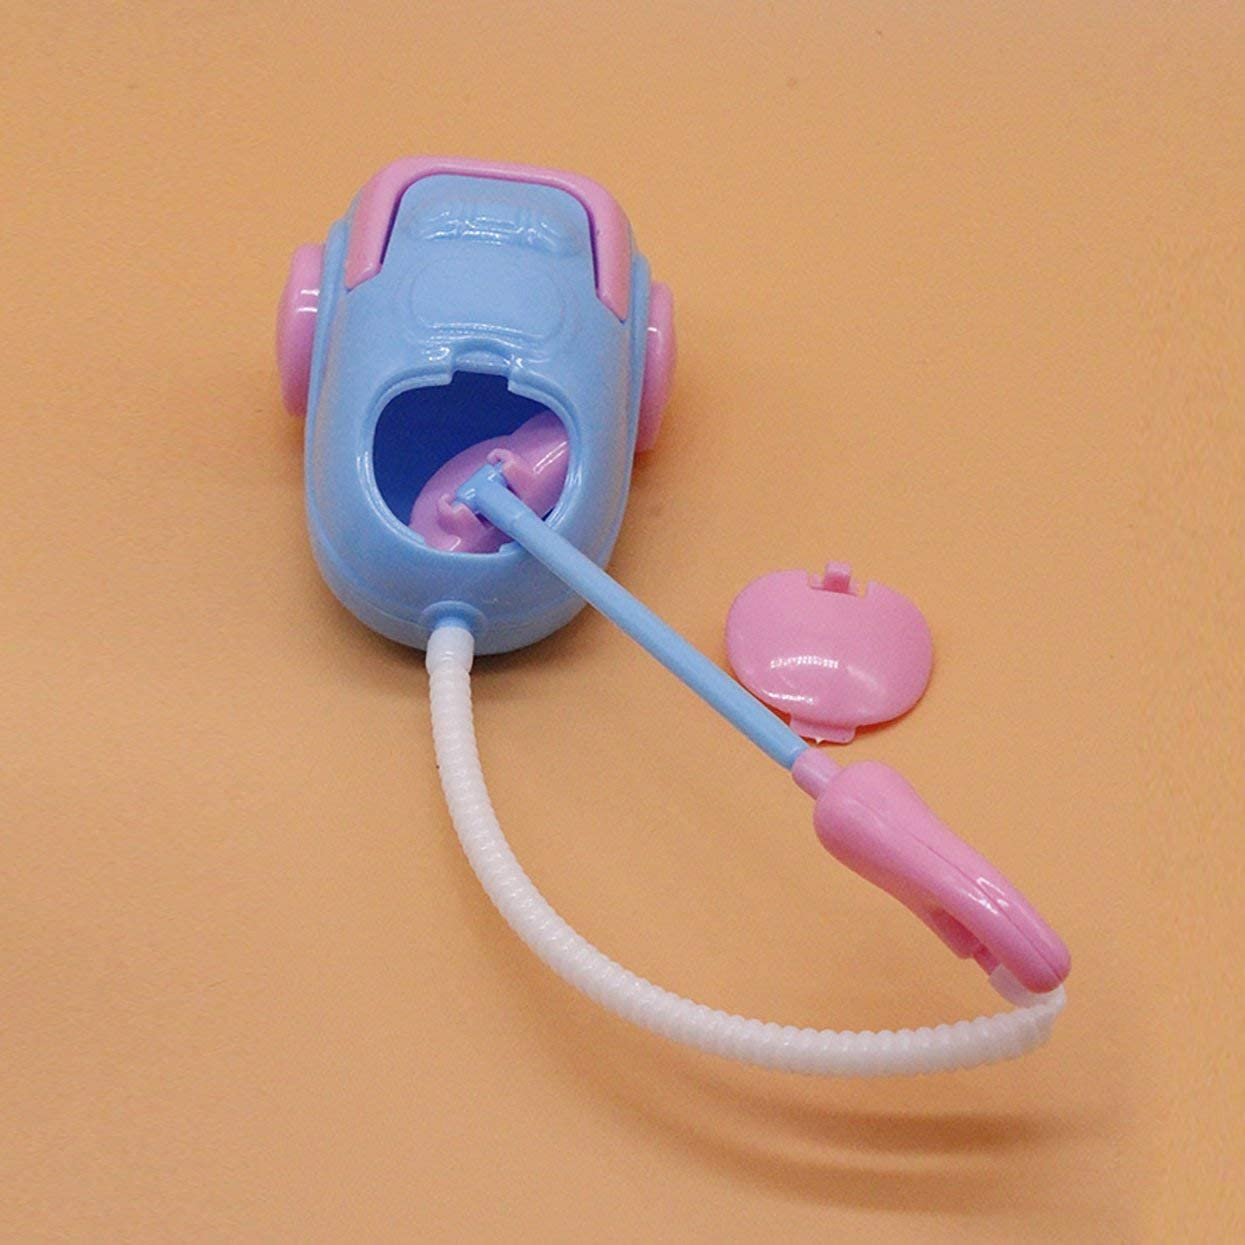 Al/éatoire cottonlilac Vadrouille Miniature Pelle /à poussi/ère Seau Brosse M/énage Outils De Nettoyage Ensemble Accessoires De Jardin De Maison De Poup/ée pour Poup/ées Barbie